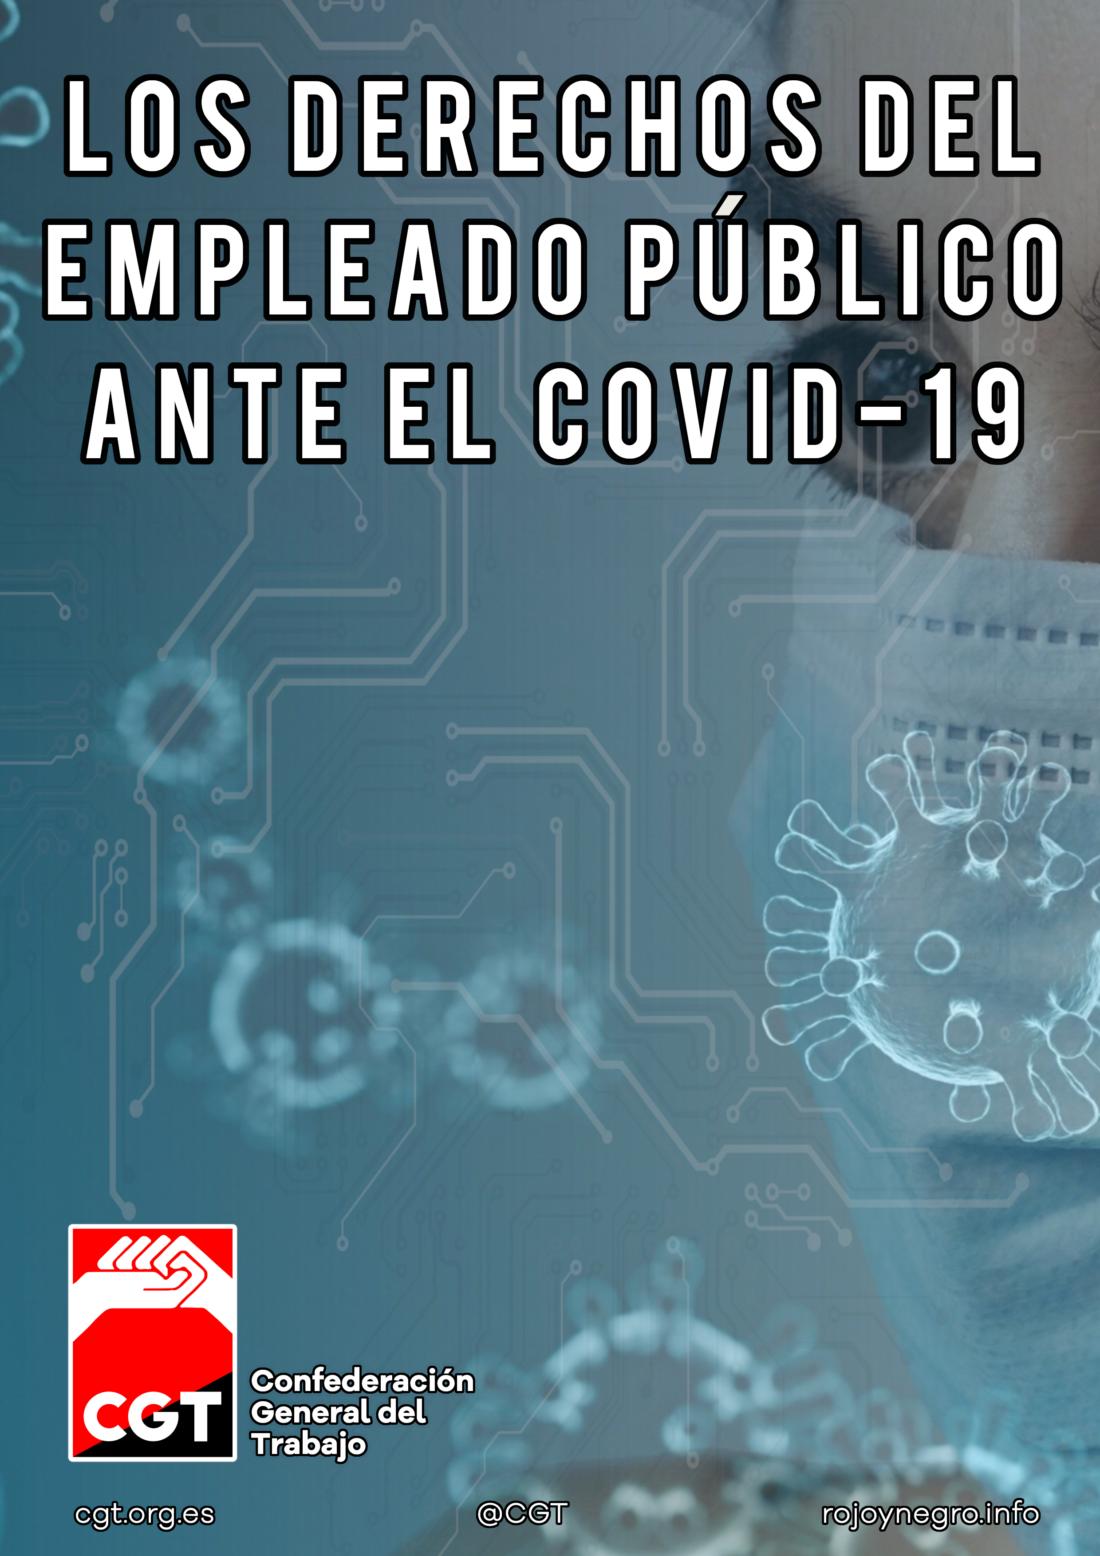 Los derechos del empleado publico ante el Covid-19